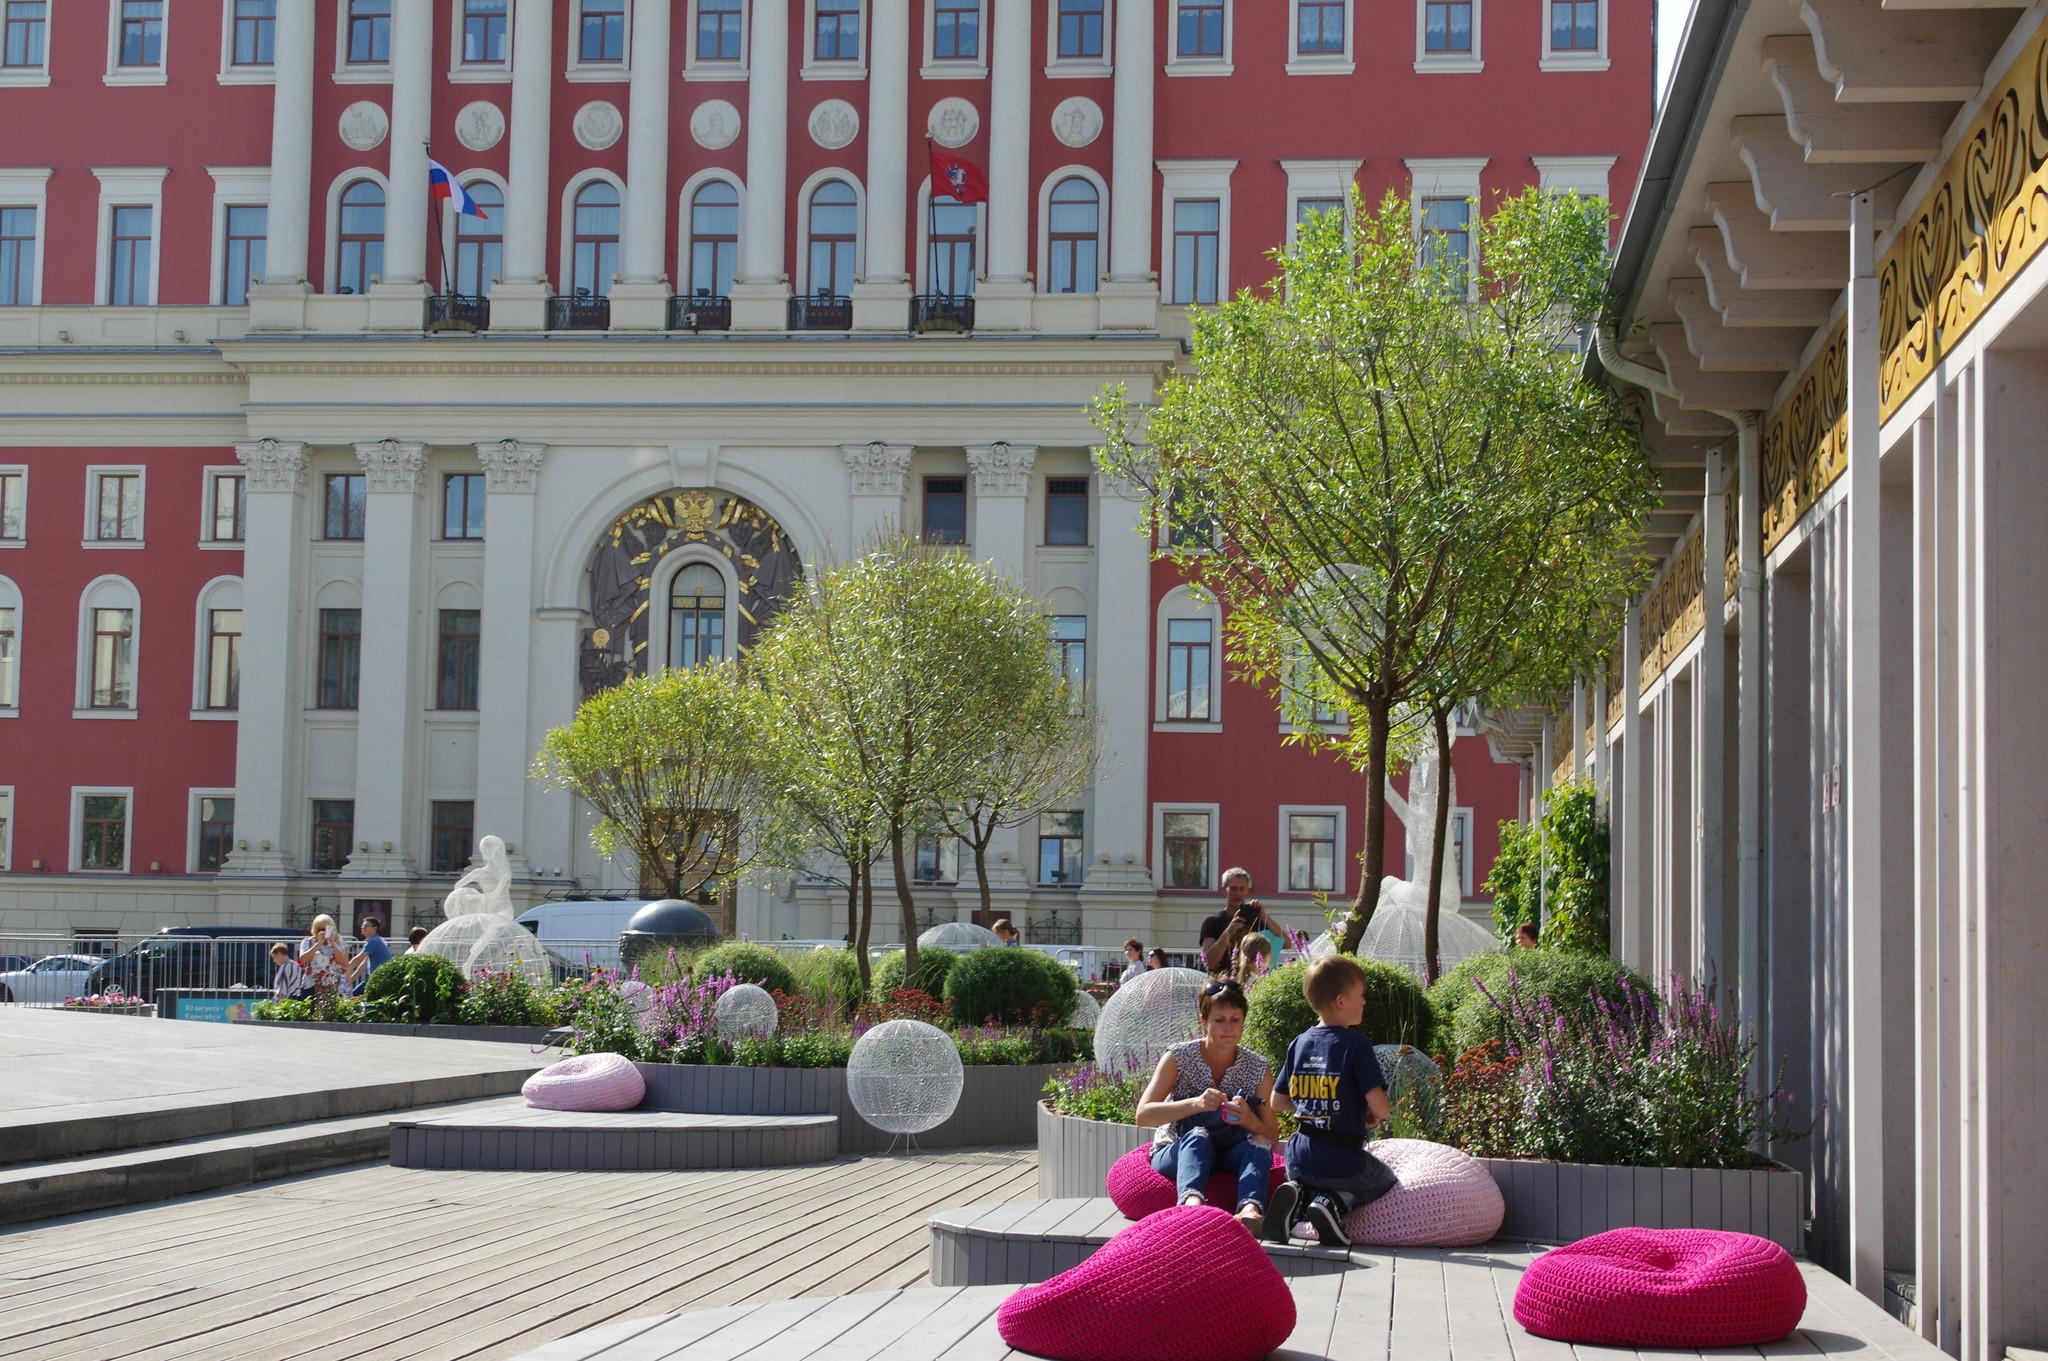 Фестиваль городского ландшафтного дизайна «Цветочный джем» на Тверской площади